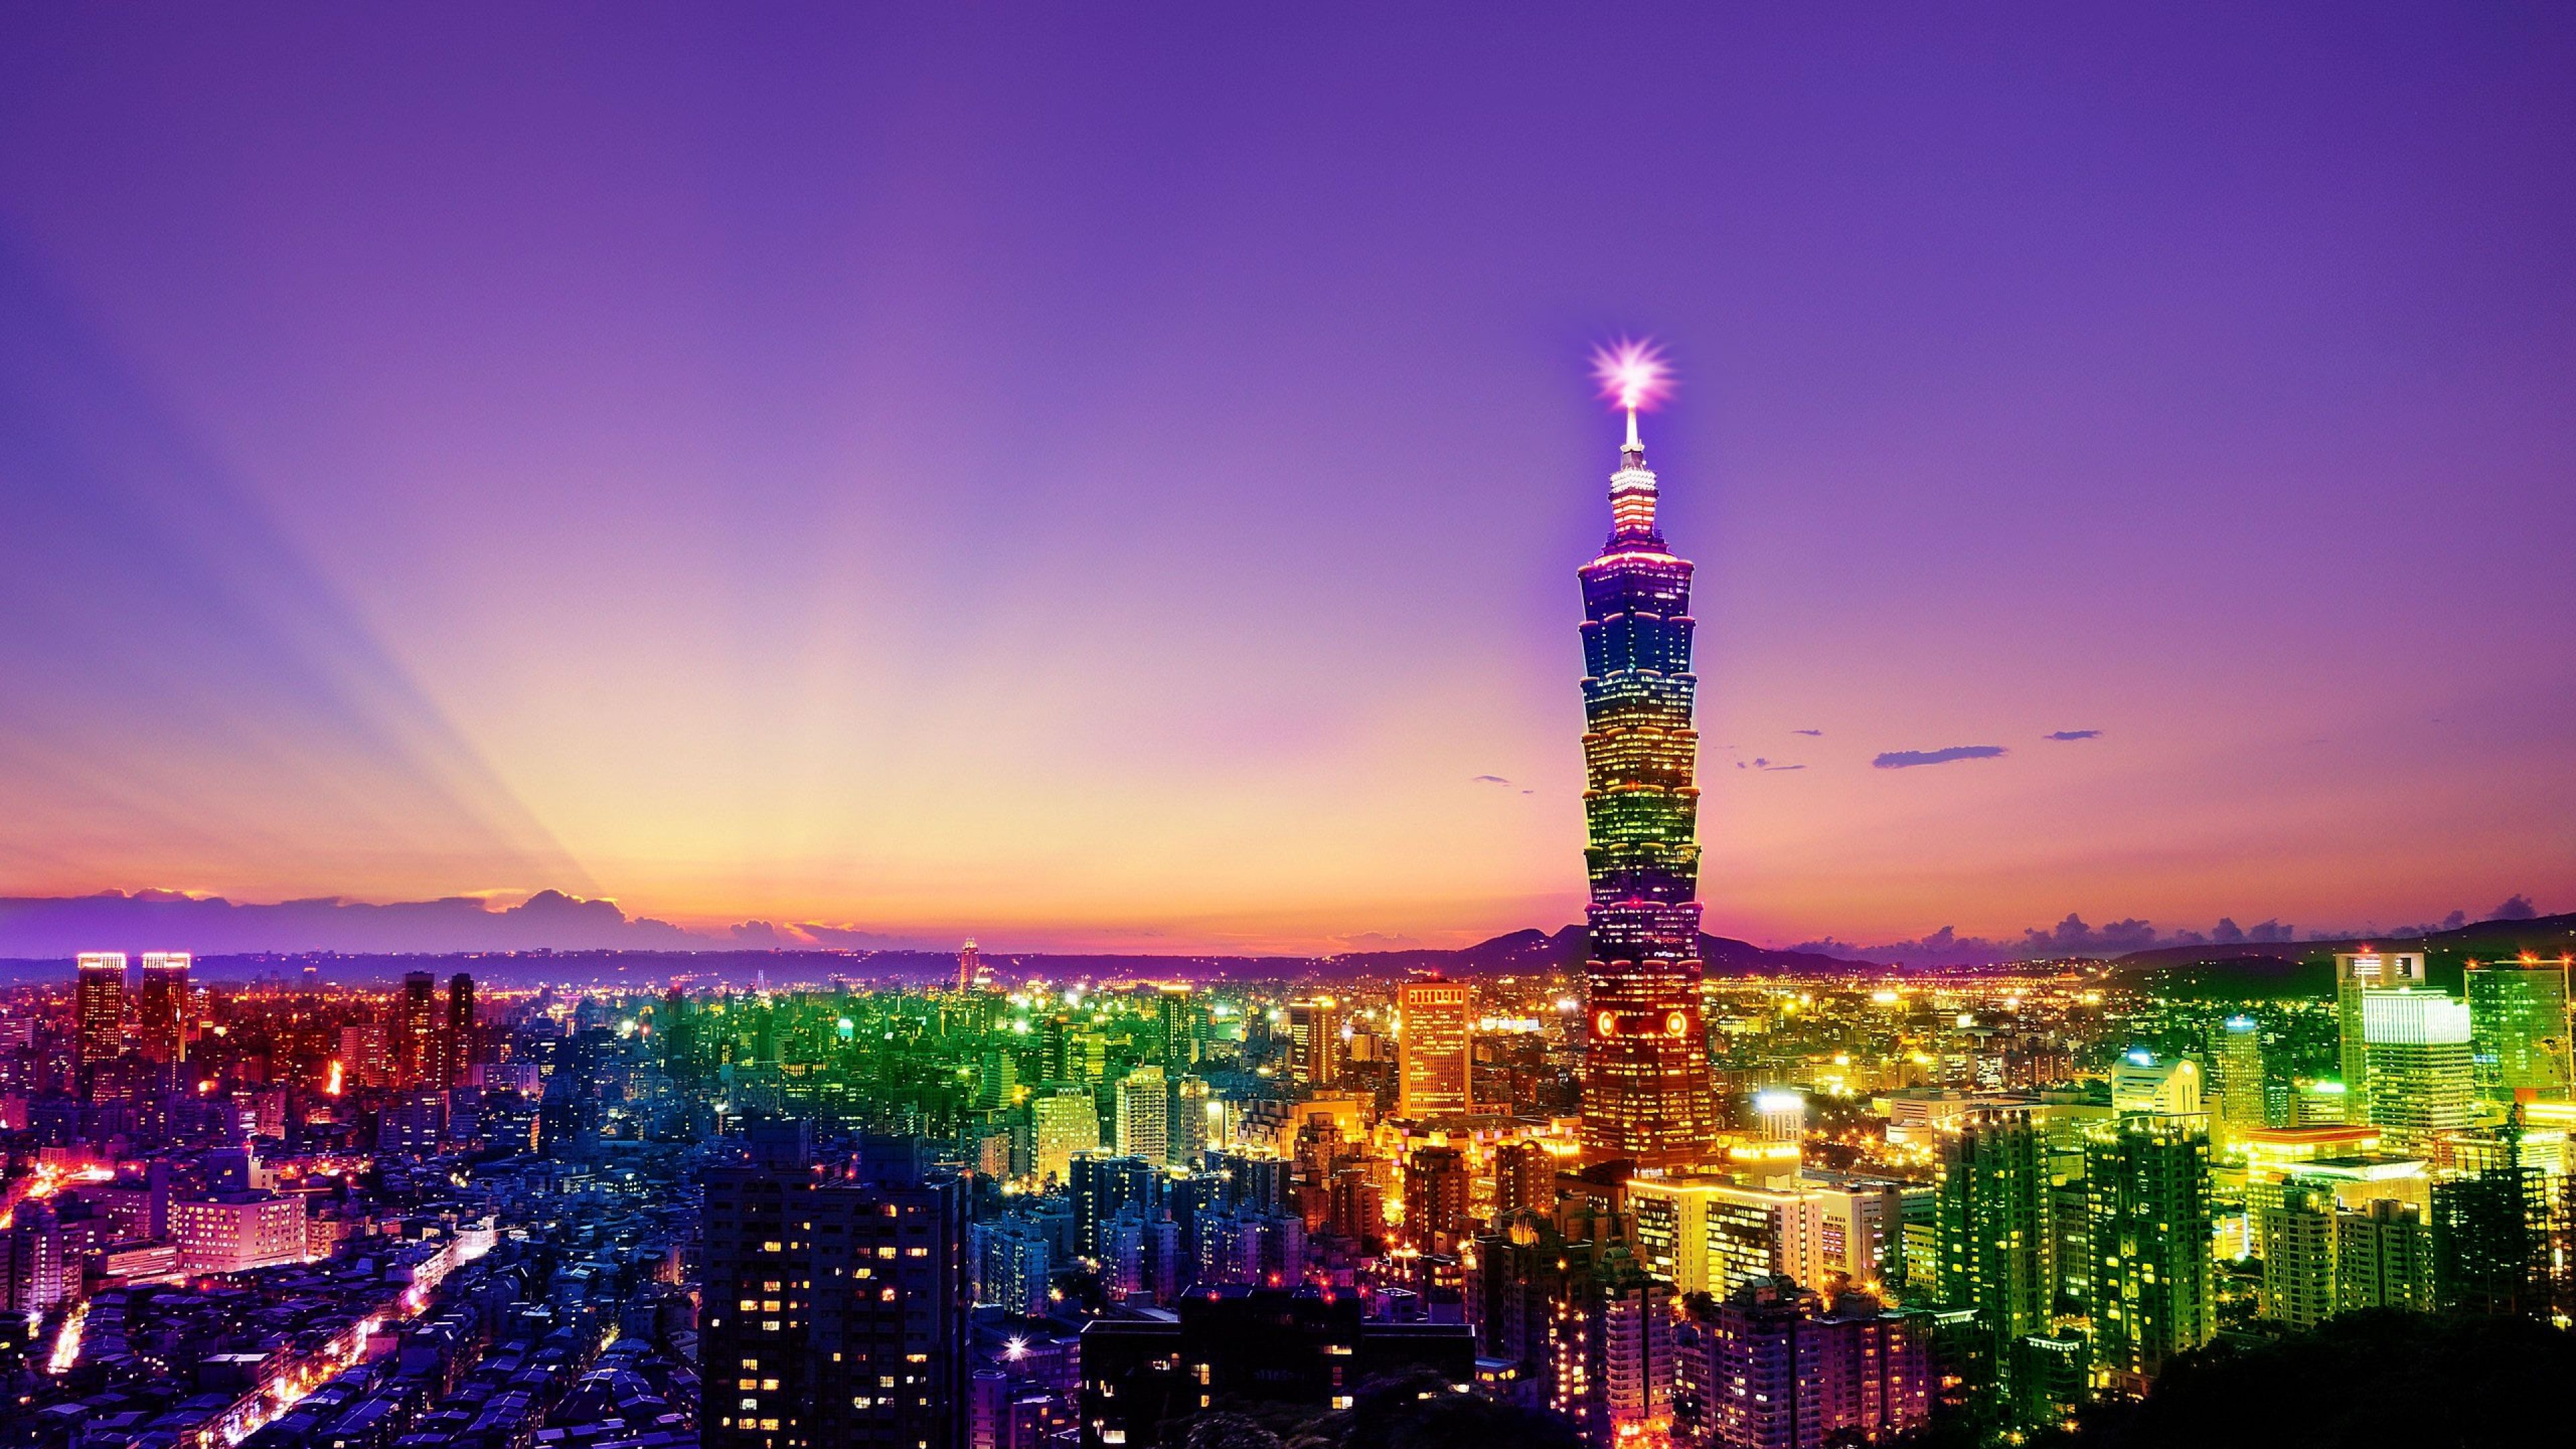 Most Inspiring Wallpaper High Quality City - b67da814578920c2c68dbcbf8404d4b5  Snapshot_585.jpg